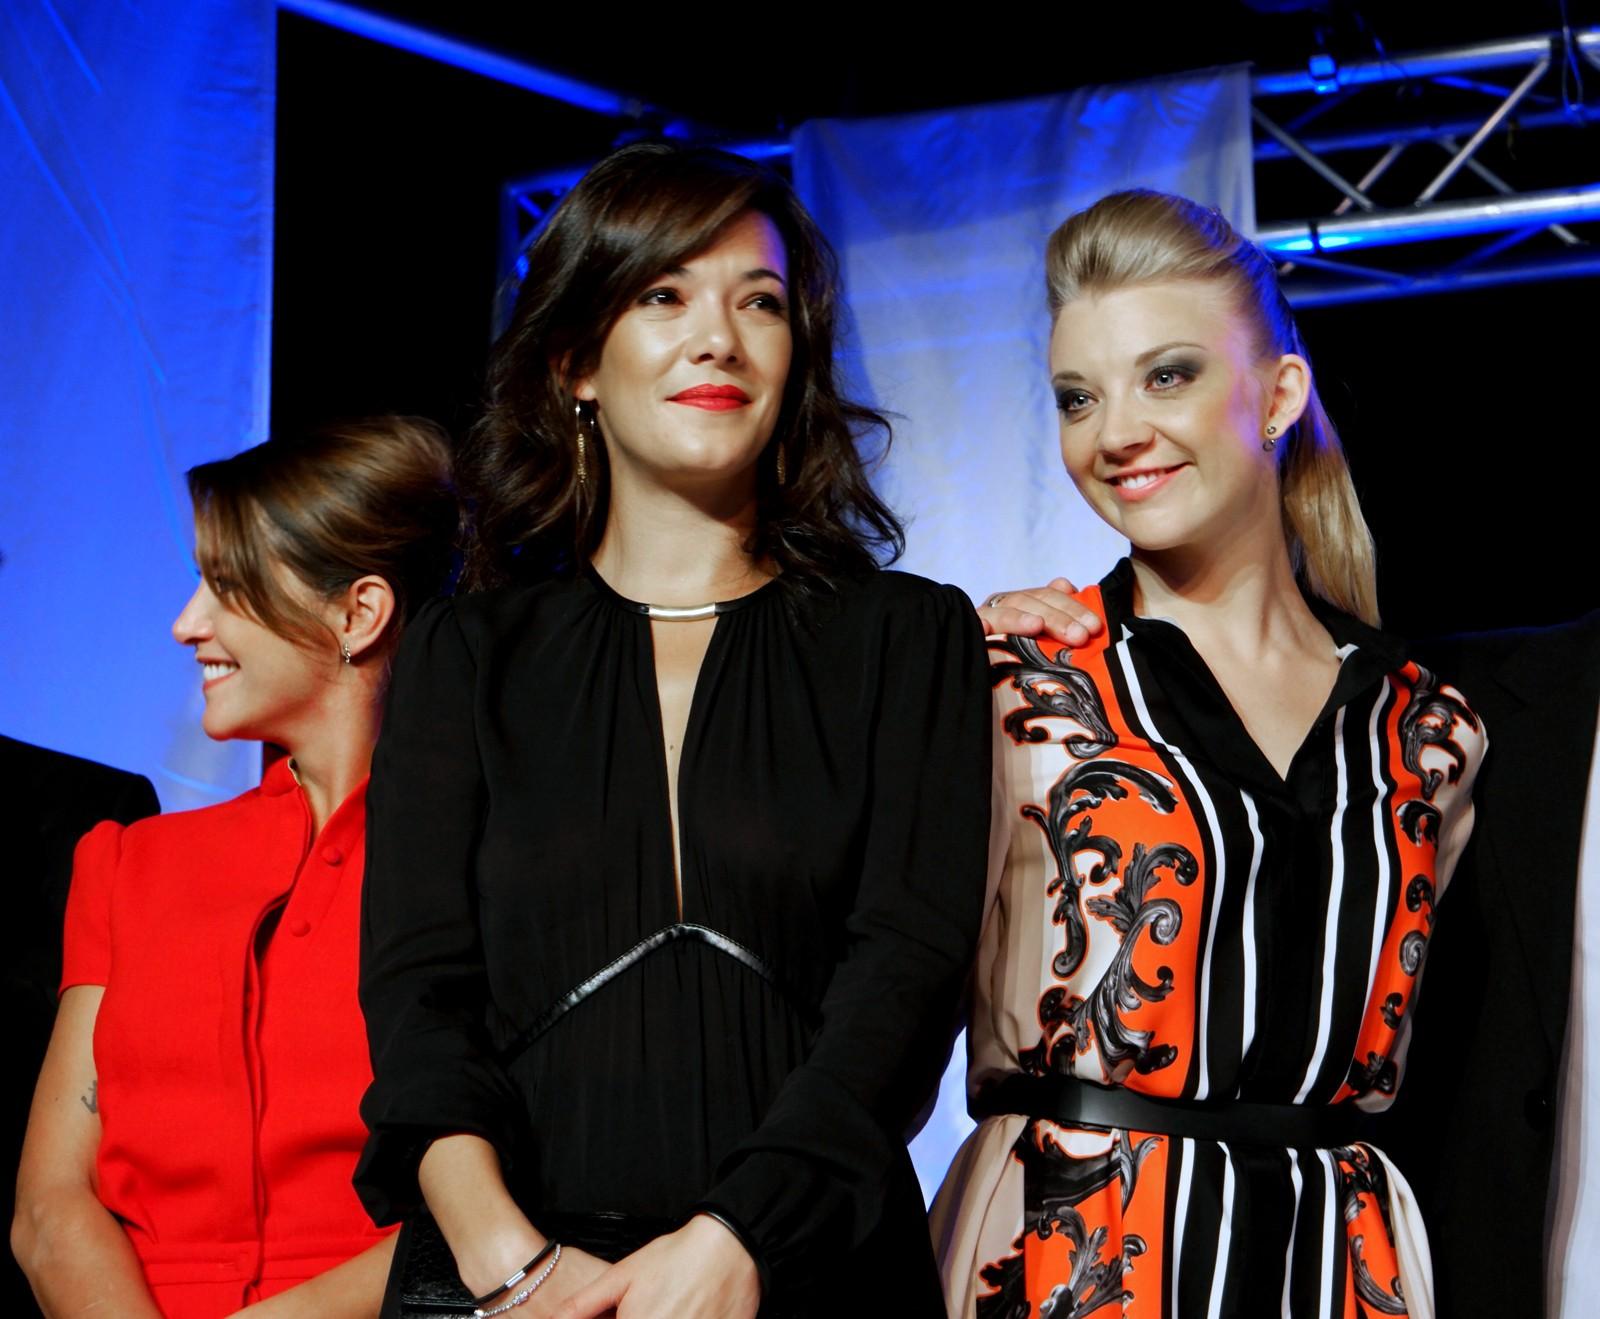 Emma de Caunes Mélanie Doutey Natalie Dormer Game of Thrones membres du jury du Festival du film Britannique de Dinard 2015 soirée ouverture photo usofparis